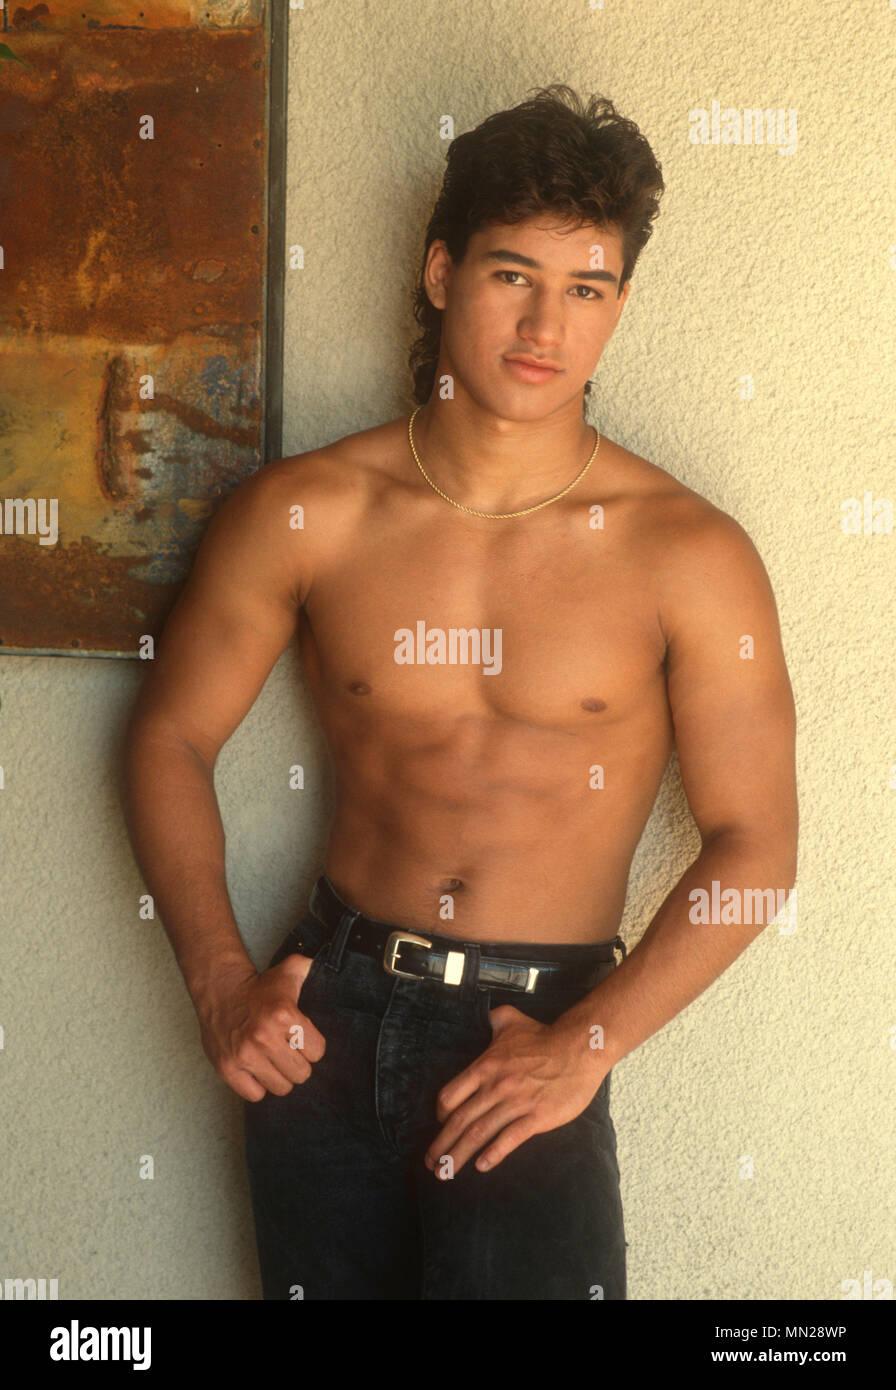 Los Angeles Ca July 27 Exclusive Coverage Actor Tv